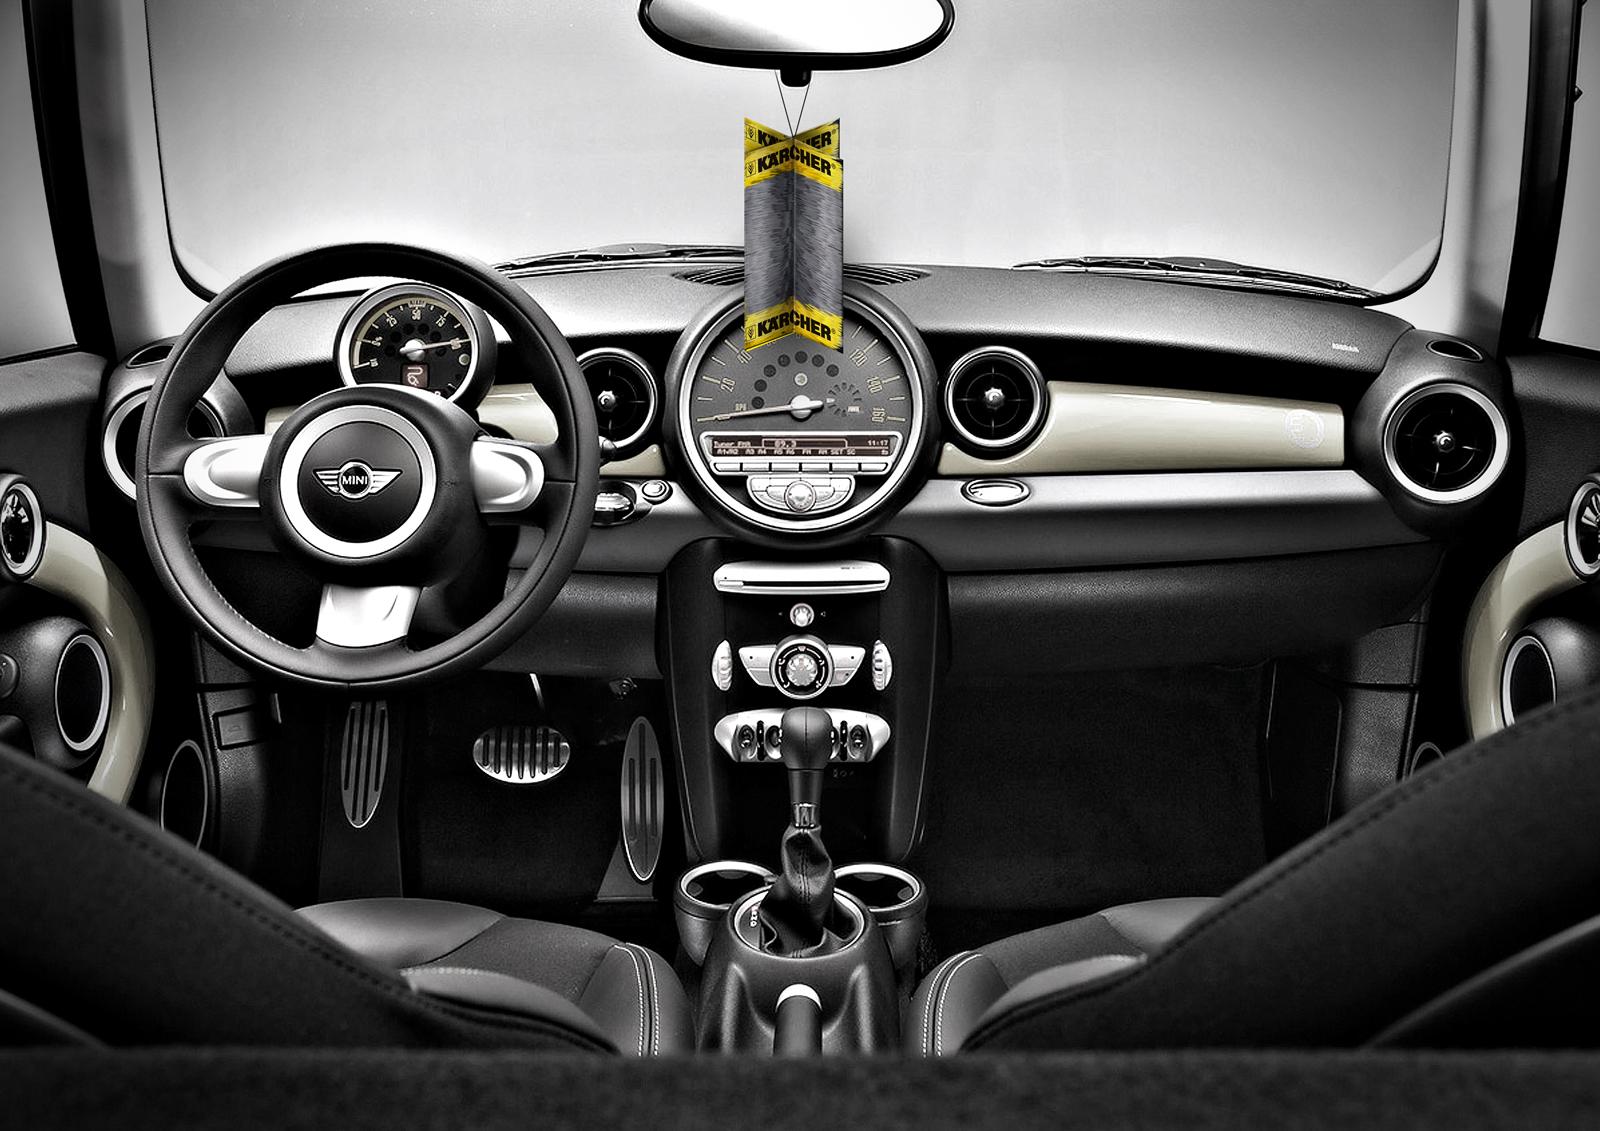 Салон авто Mini, скачать фото , в высоком разрешении